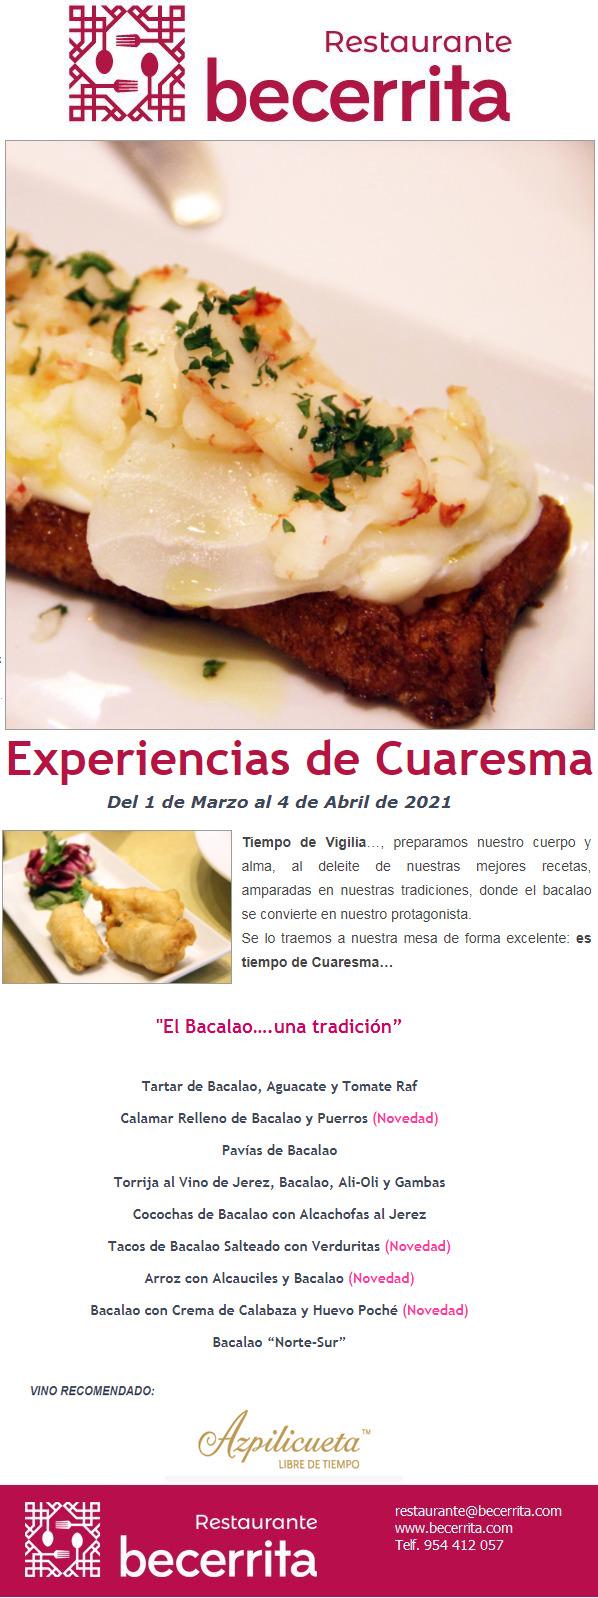 Experiencias de Cuaresma 2021 en Restaurante Becerrita, Sevilla